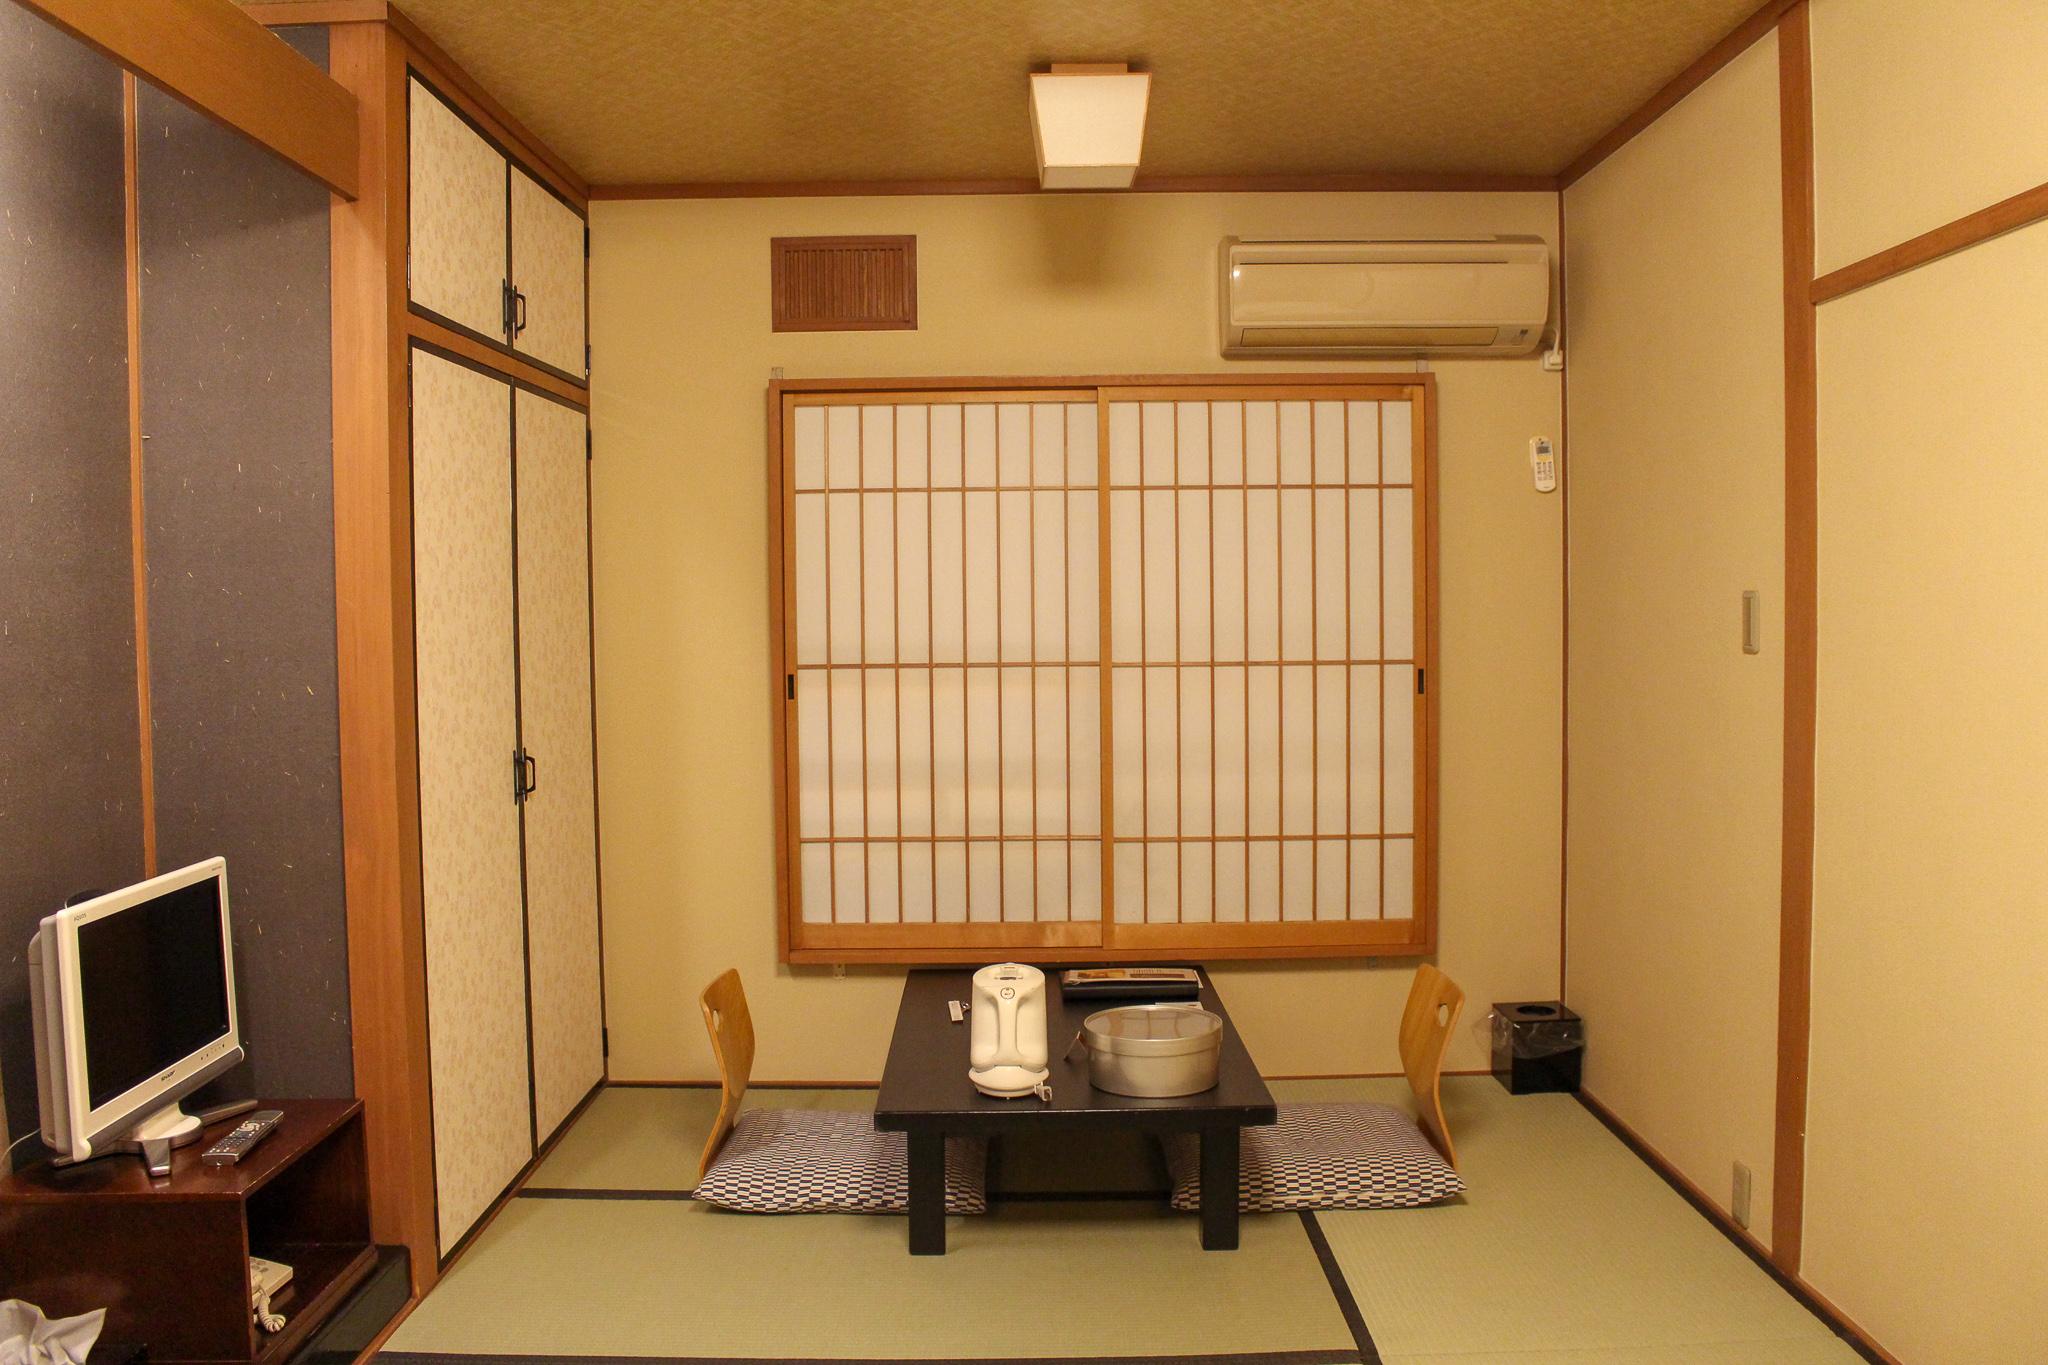 ryokan_kyoto_quarto_2